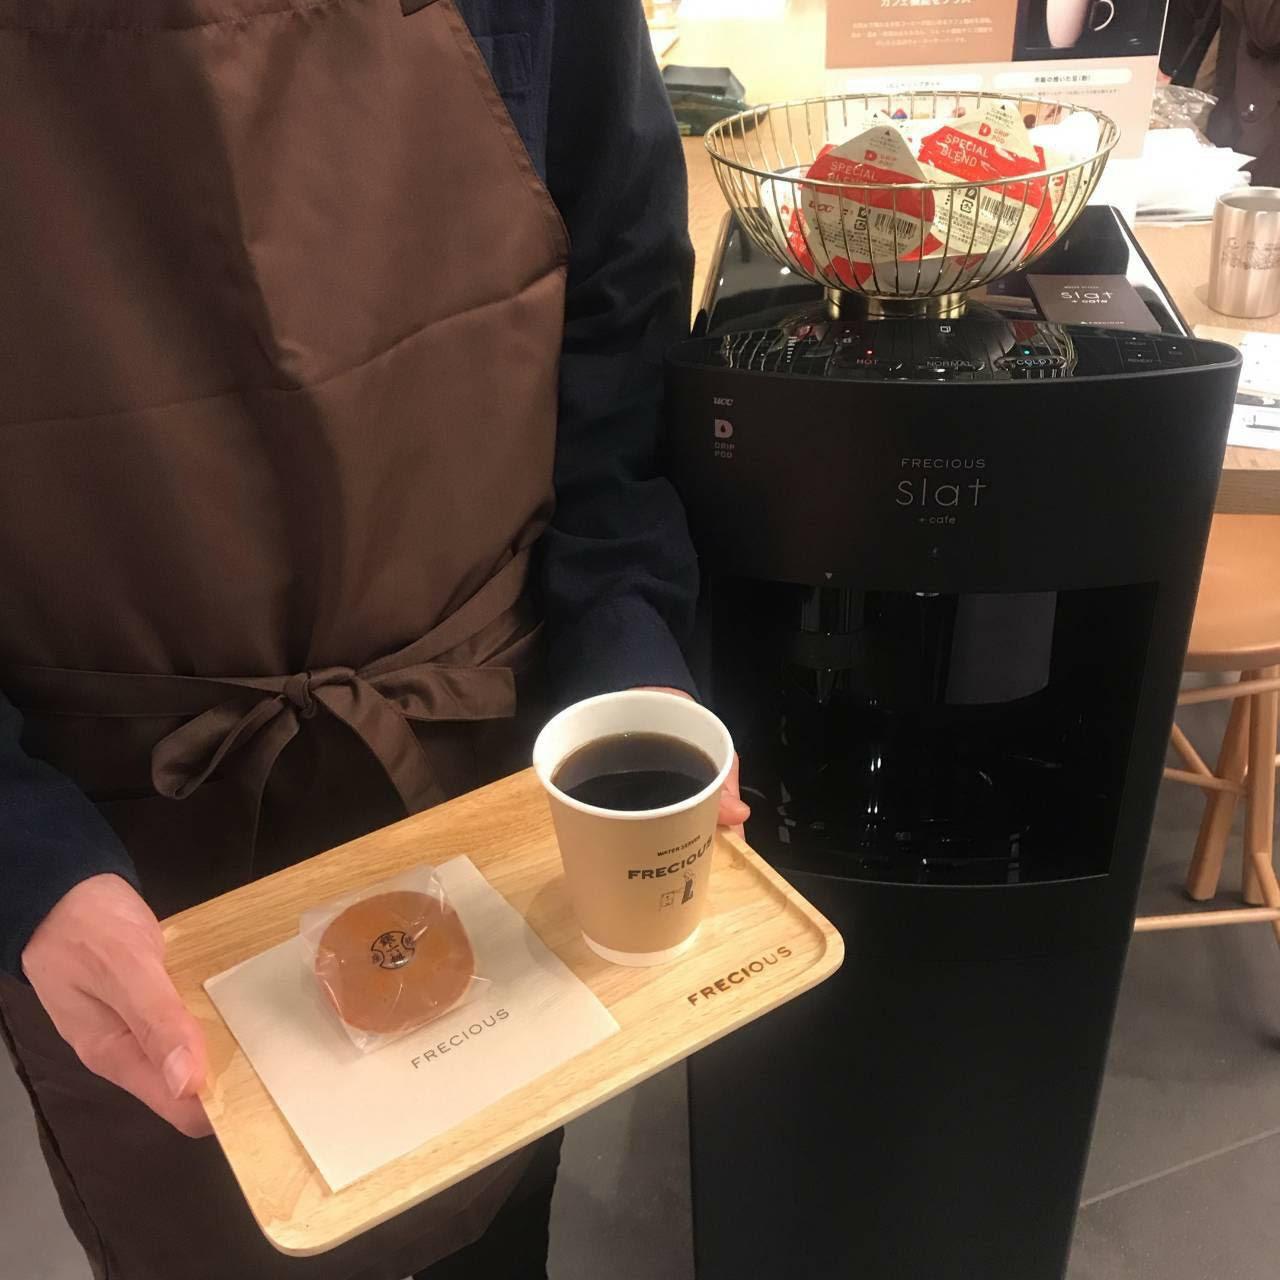 Slat+cafeイベント